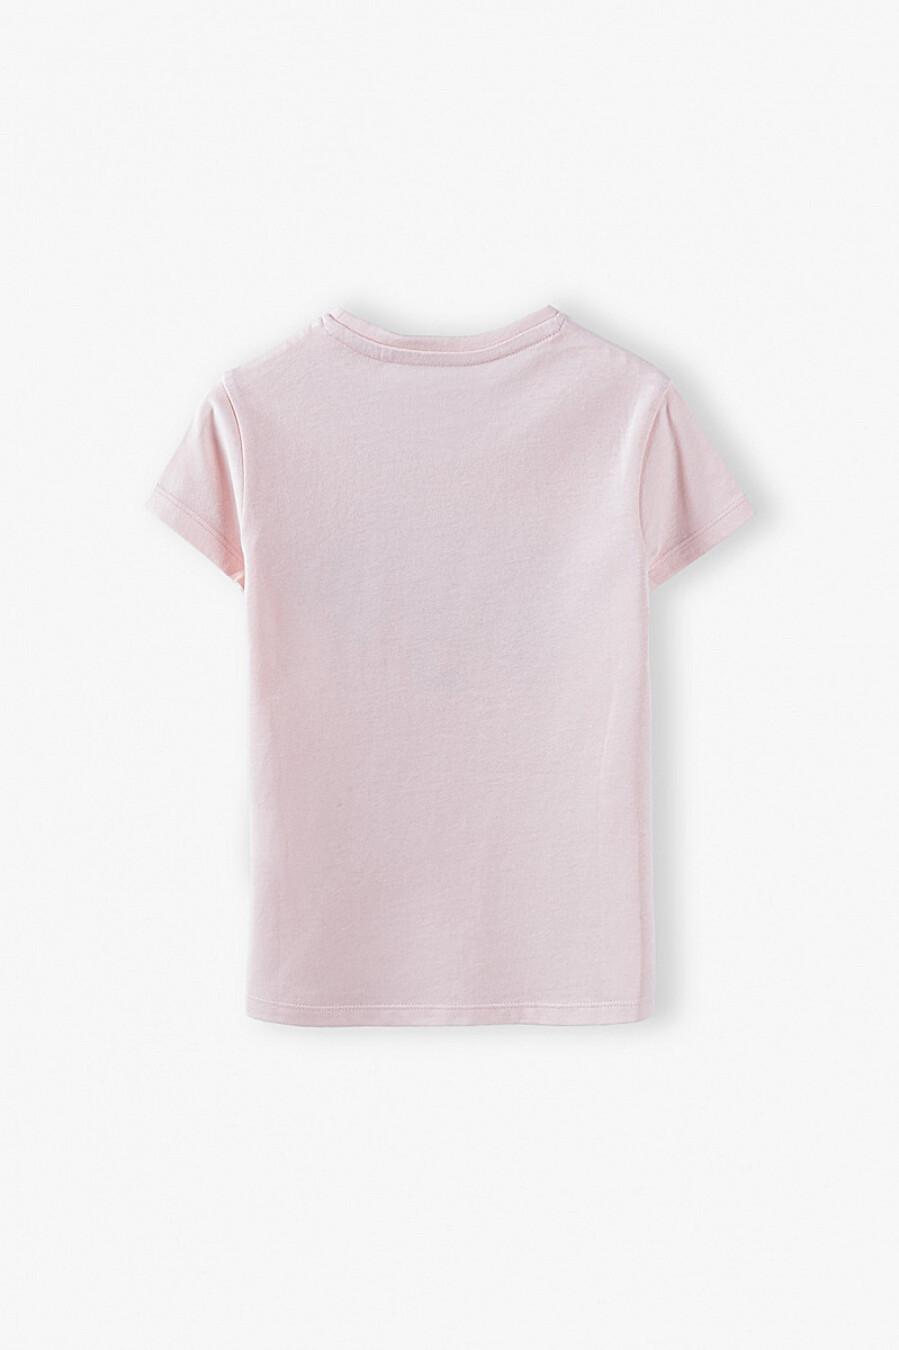 Футболка для девочек 5.10.15 668520 купить оптом от производителя. Совместная покупка детской одежды в OptMoyo